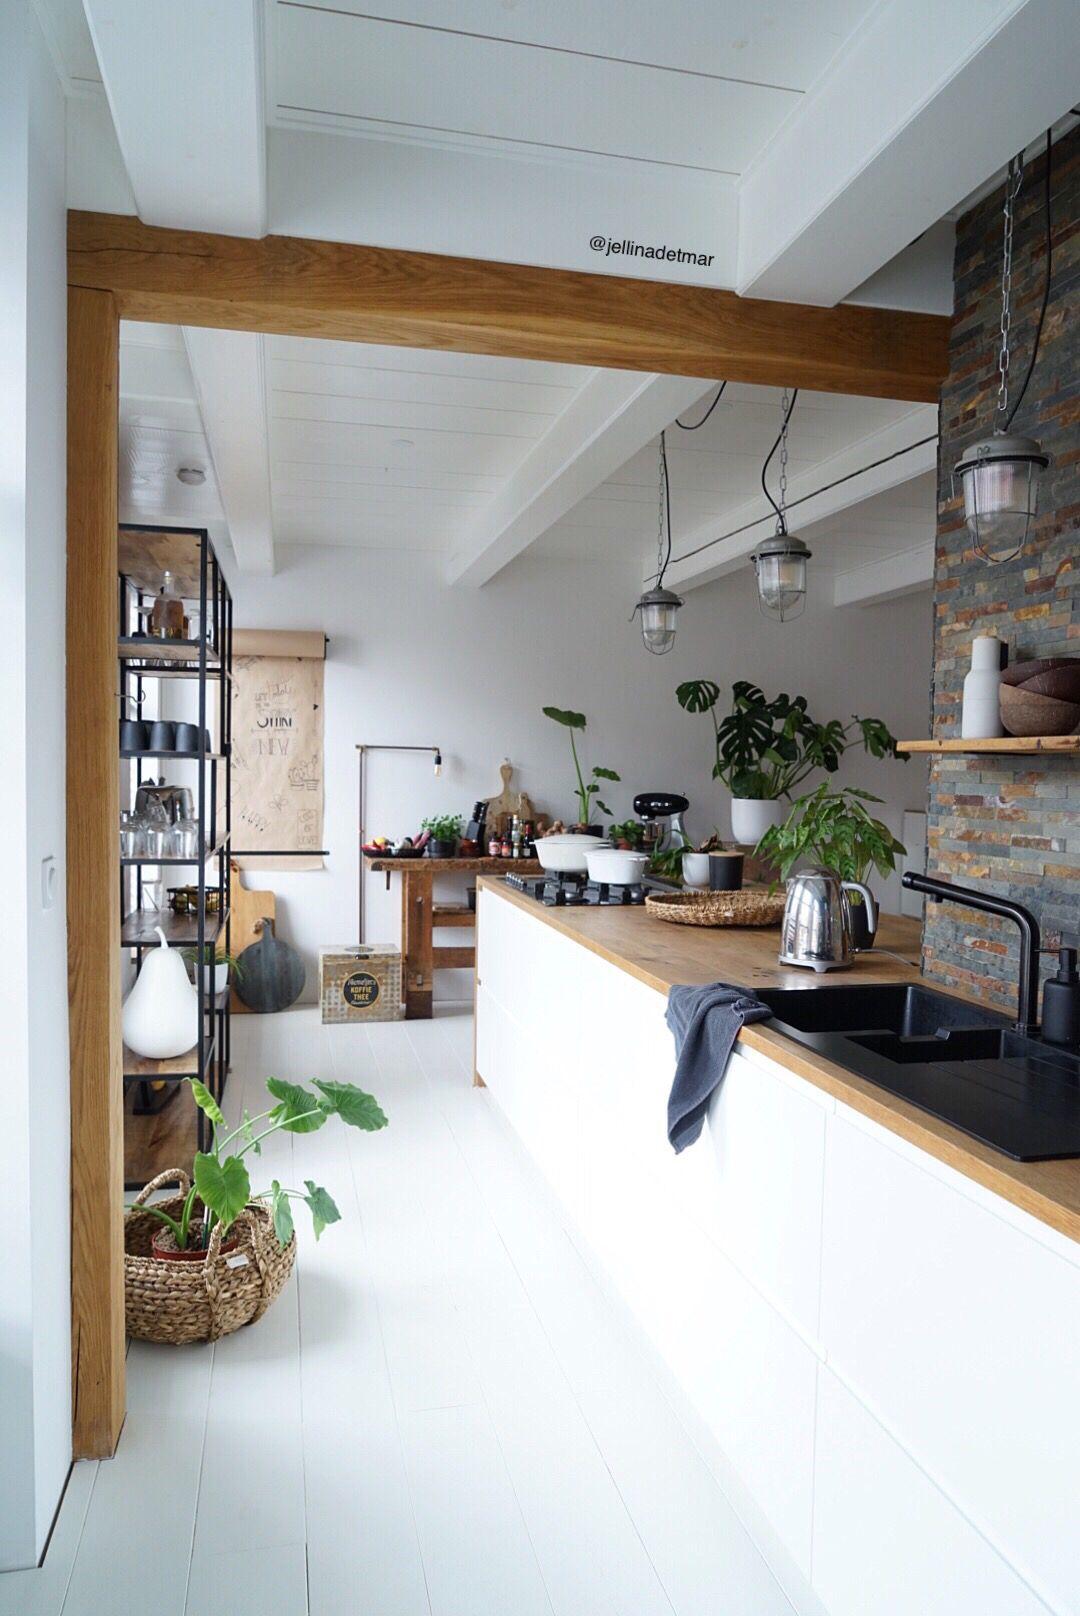 my kitchen jellinadetmar kitchen interiordesign wonen. Black Bedroom Furniture Sets. Home Design Ideas